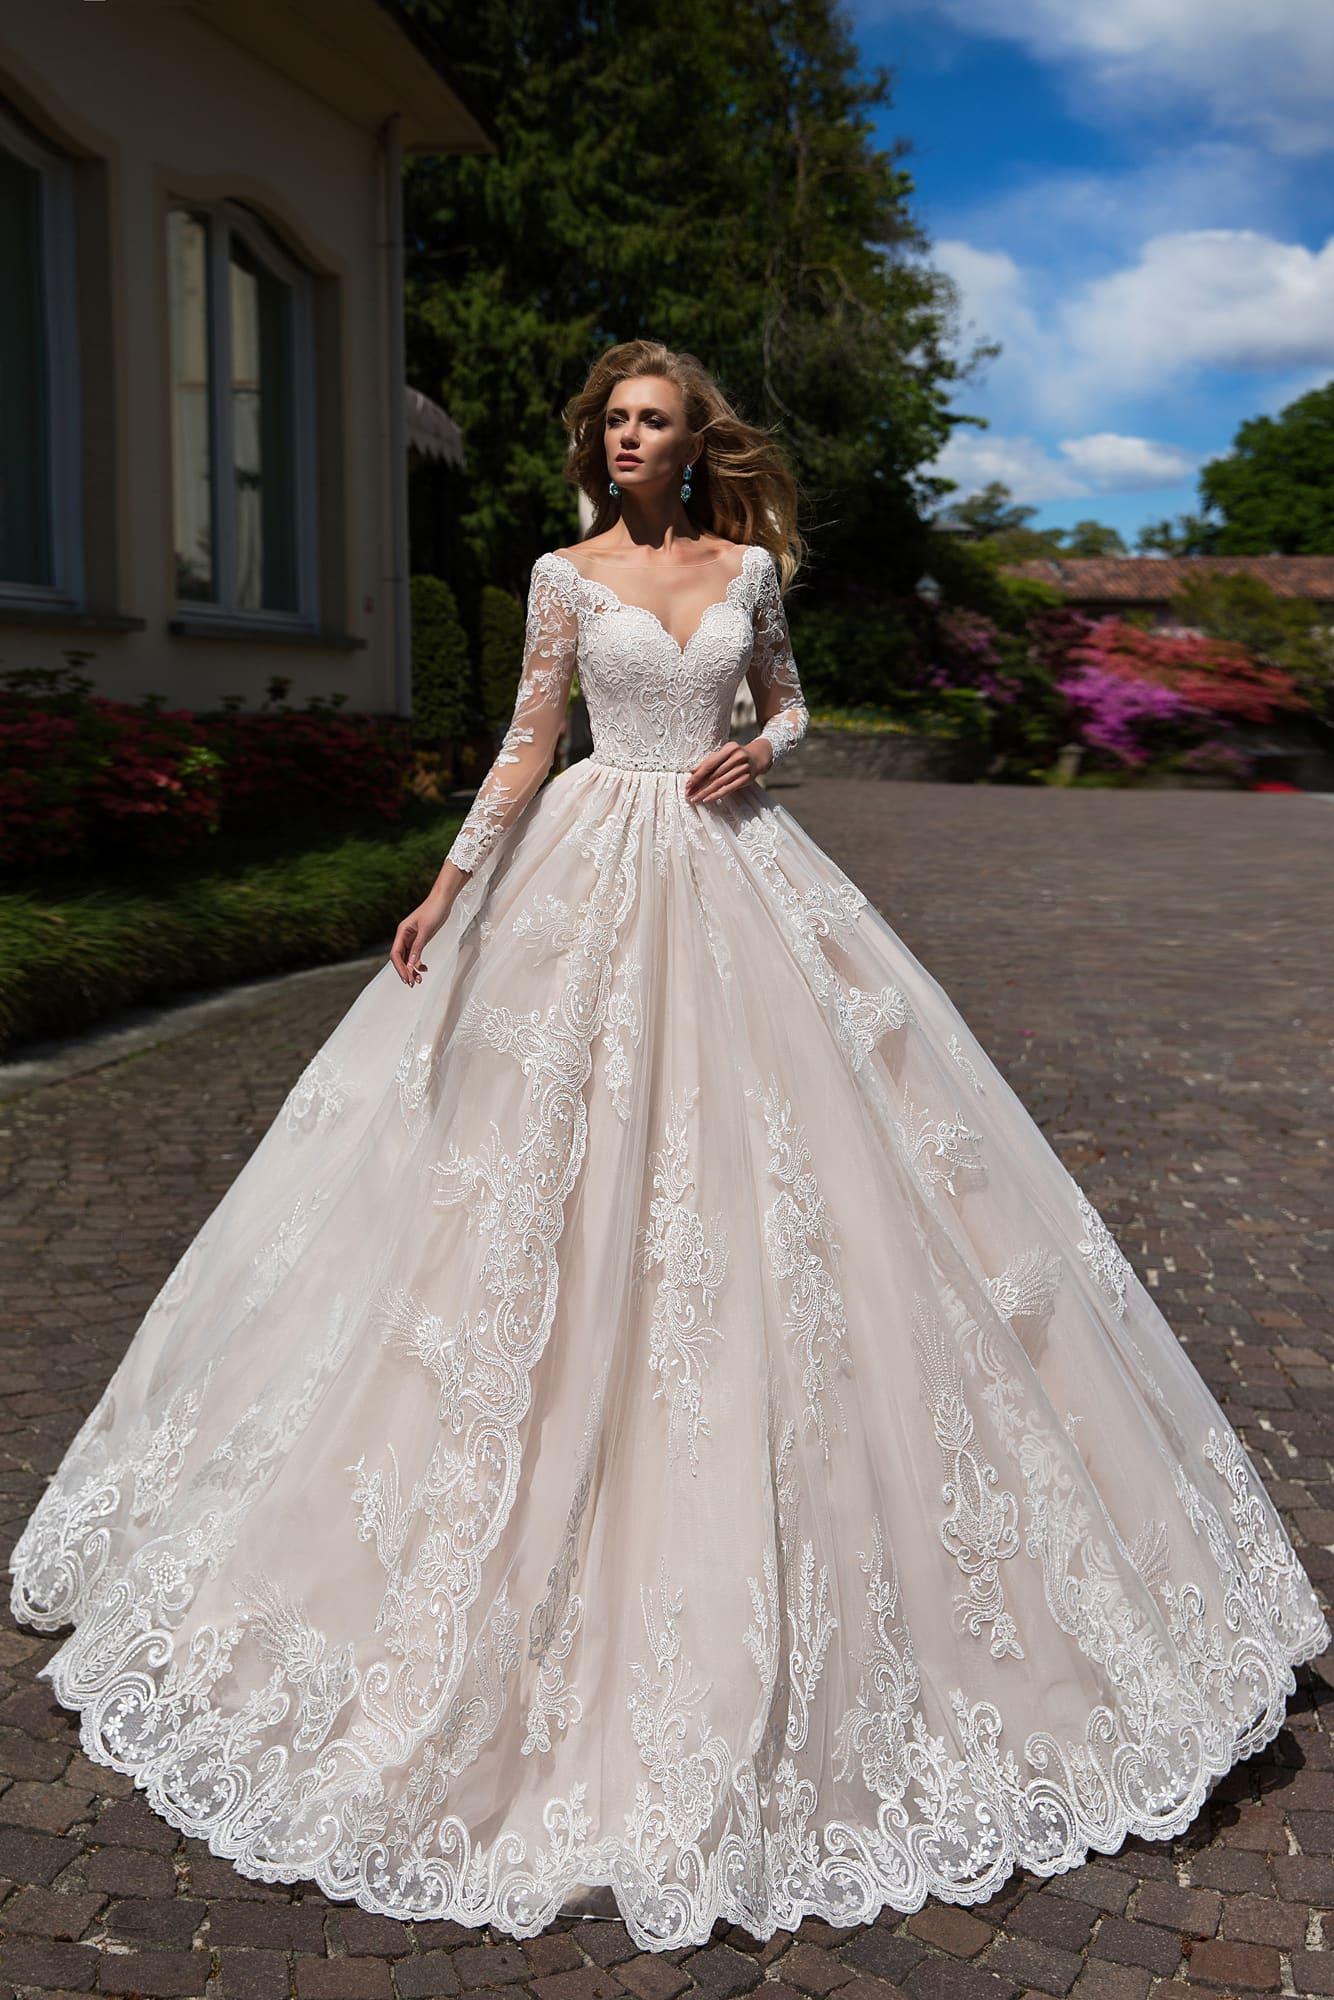 f785dddca07c042 Чувственное свадебное платье цвета слоновой кости с впечатляющим фигурным  декольте.